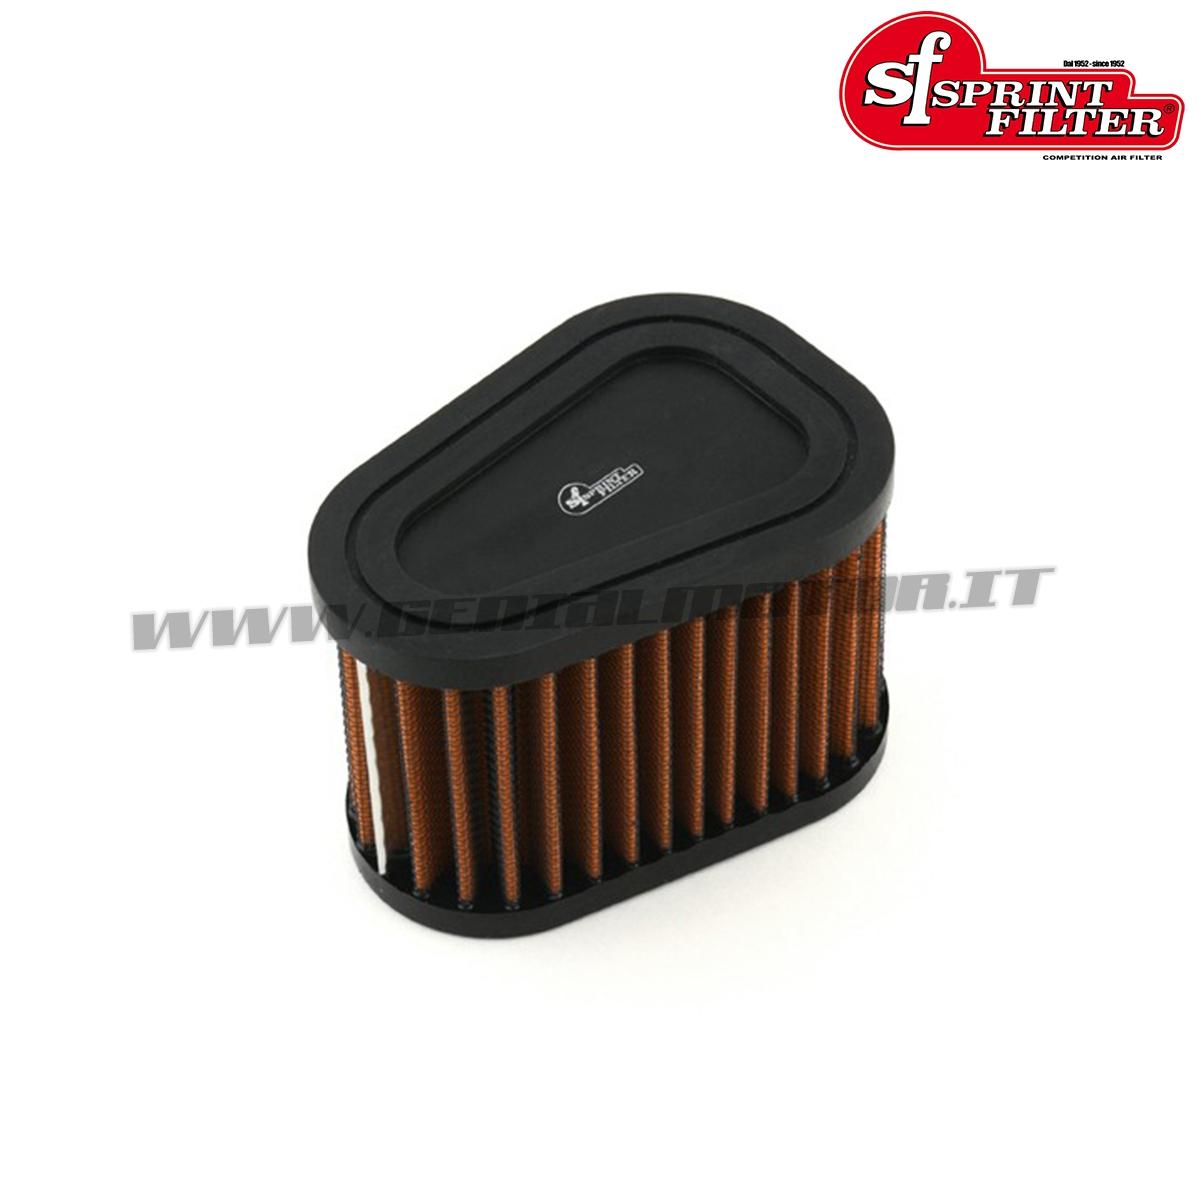 Luftfilter P08 SprintFilter OM09S für Buell X1 Lightning 1200 1999 > 2002